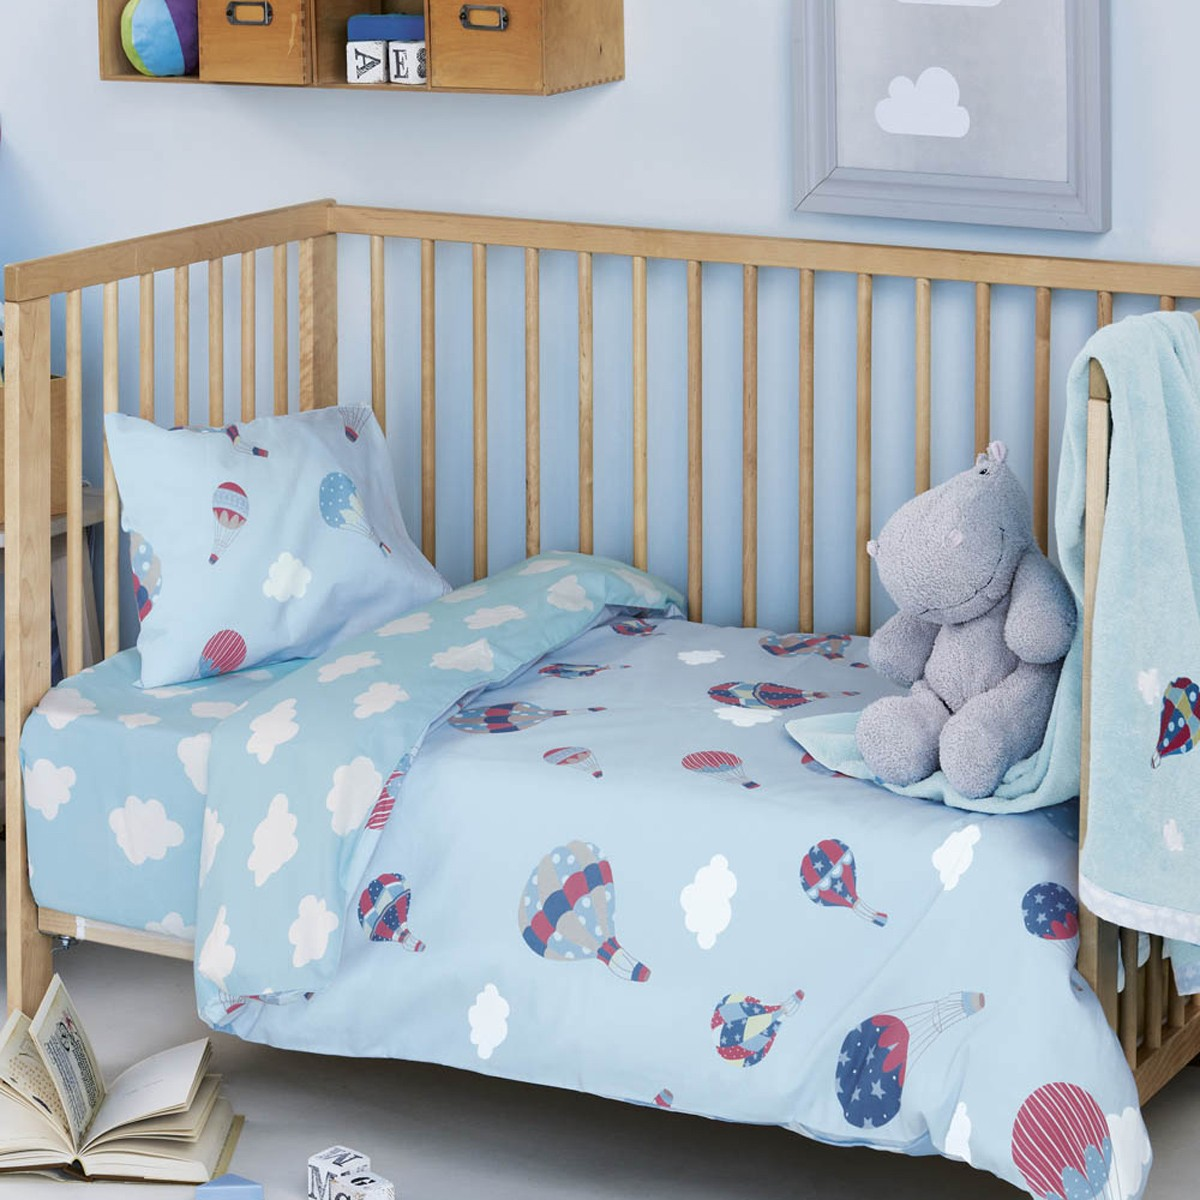 Παπλωματοθήκη Κούνιας (Σετ) Kentia Baby Vento 65814